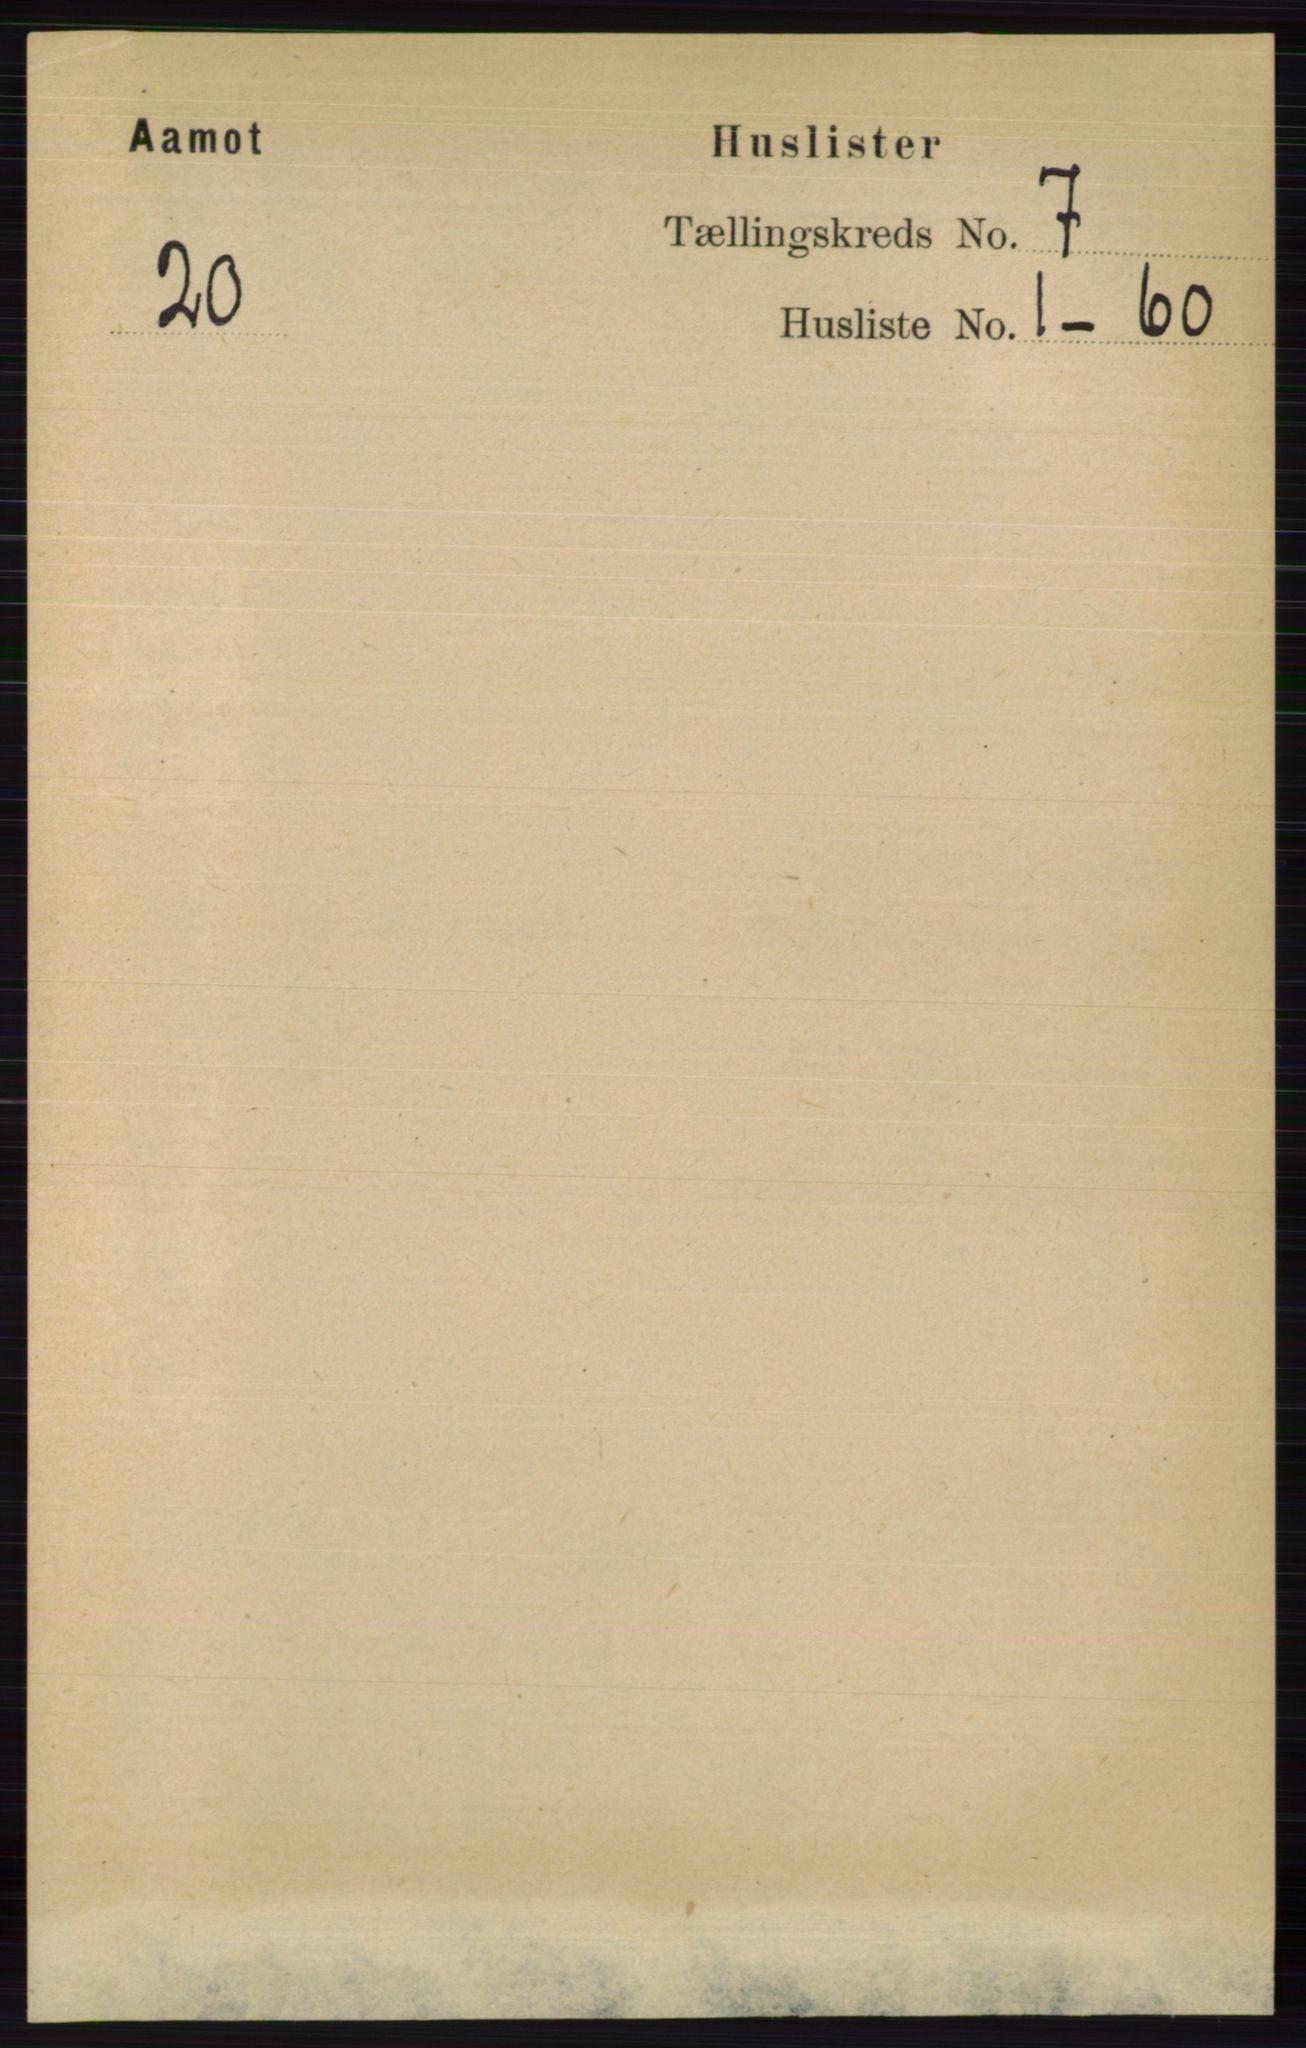 RA, Folketelling 1891 for 0429 Åmot herred, 1891, s. 2835